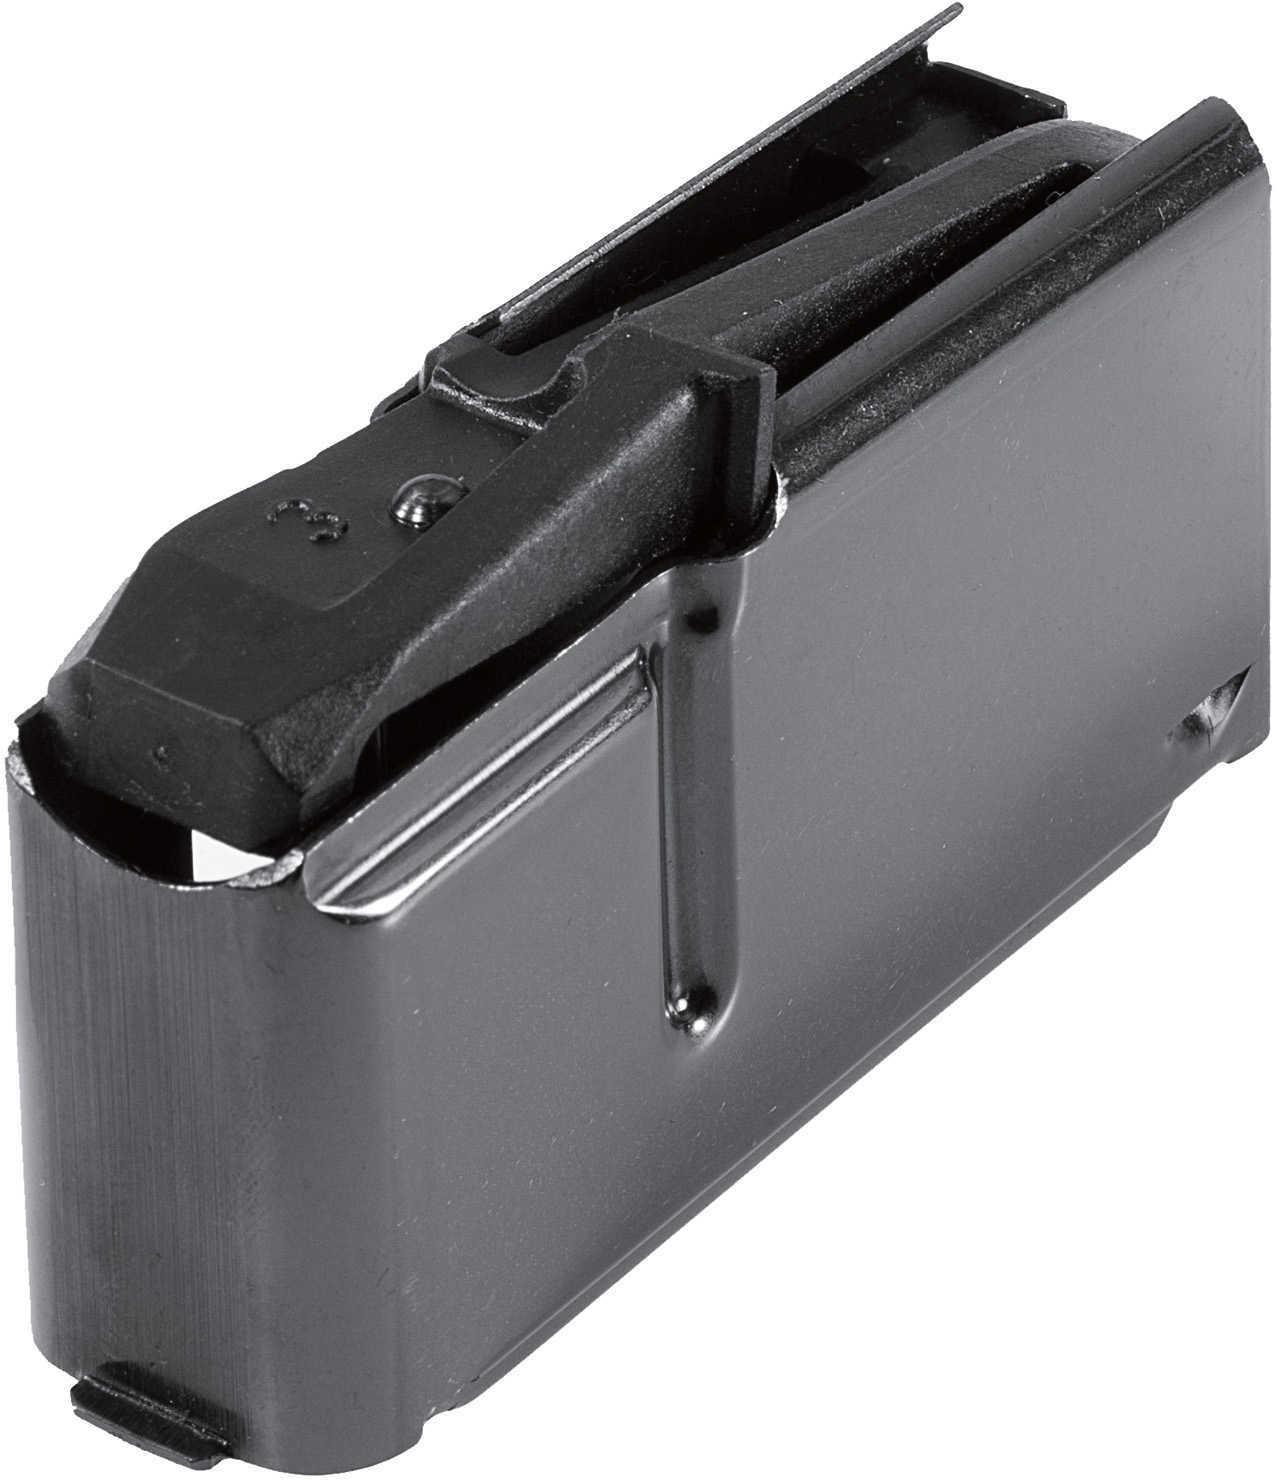 Browning BAR Magazine Shorttrac 7mm-08 Rem Mag Md: 112025051